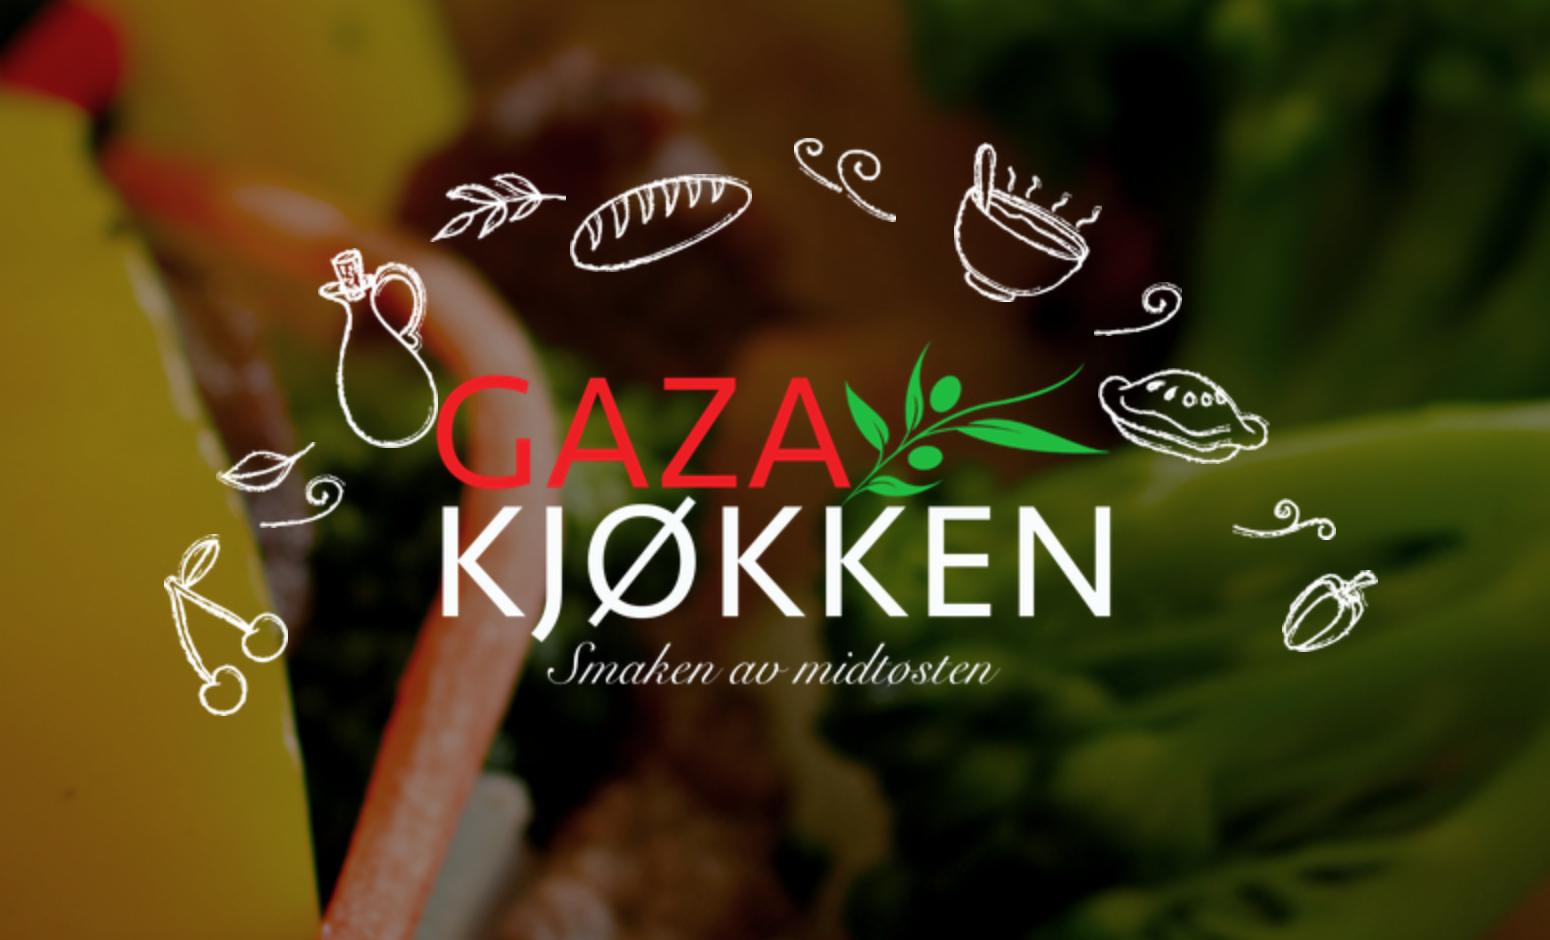 Gazakjøkken